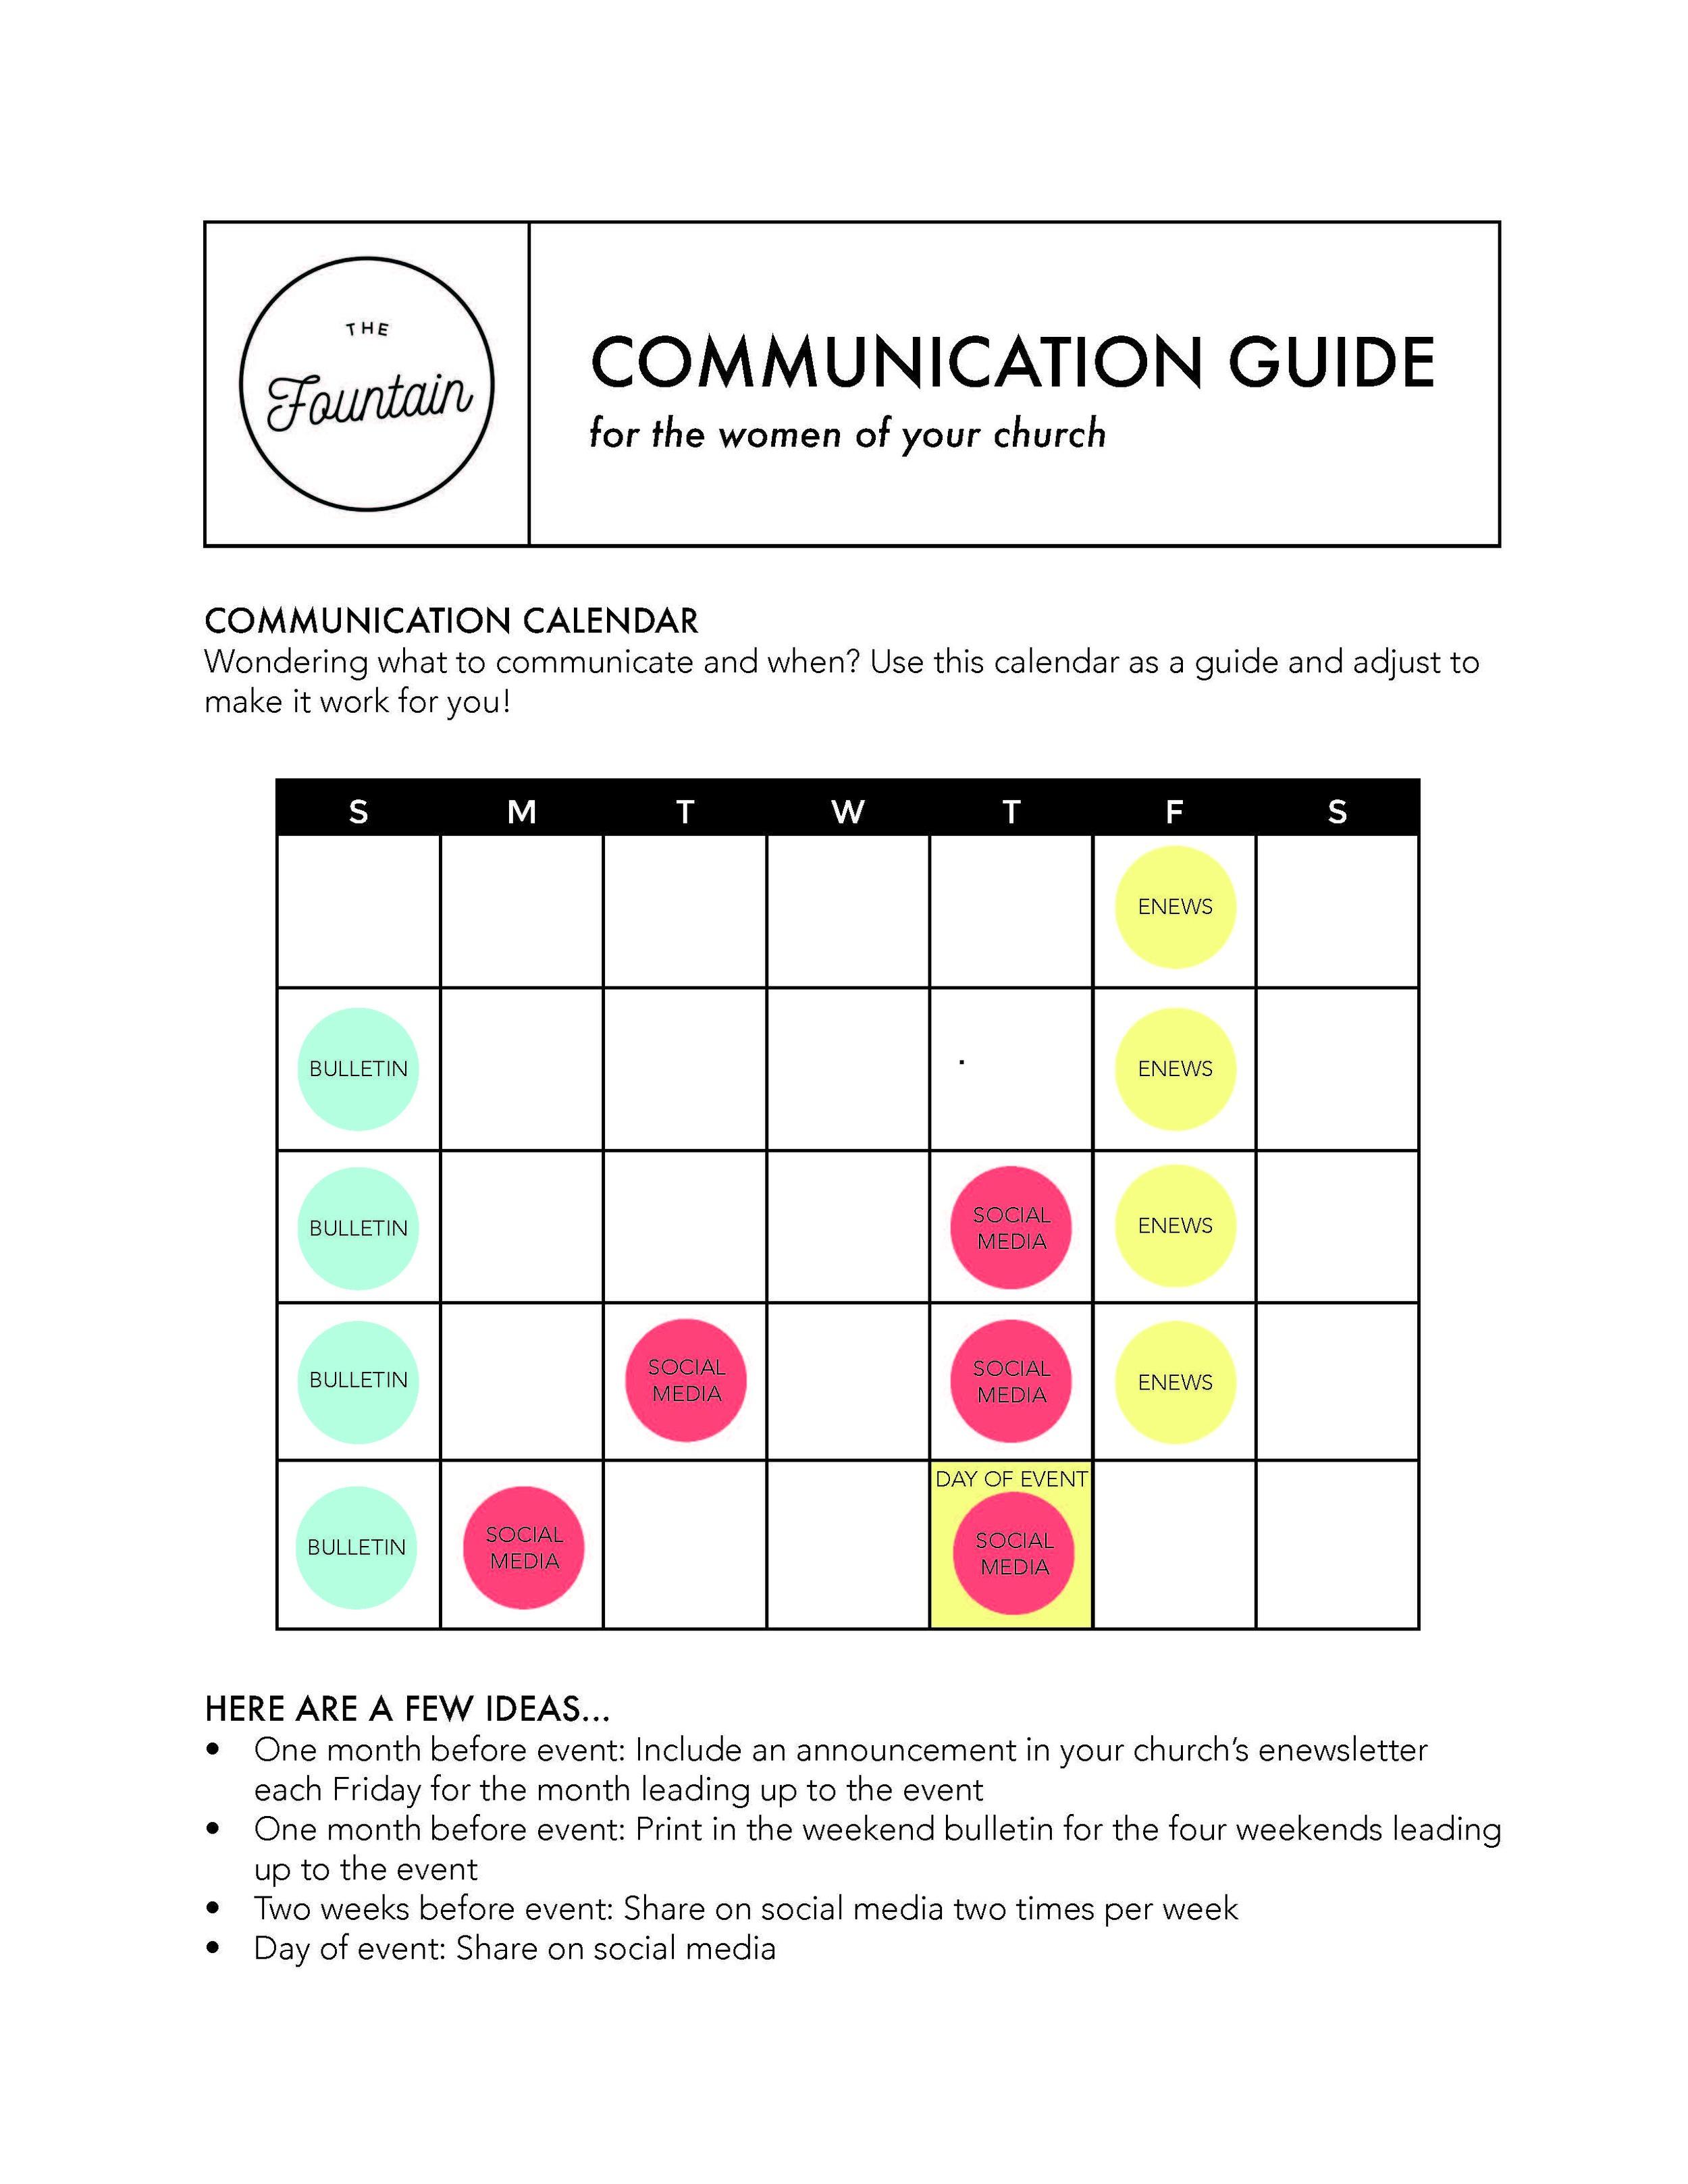 NONPROFIT COMMUNICATION GUIDE